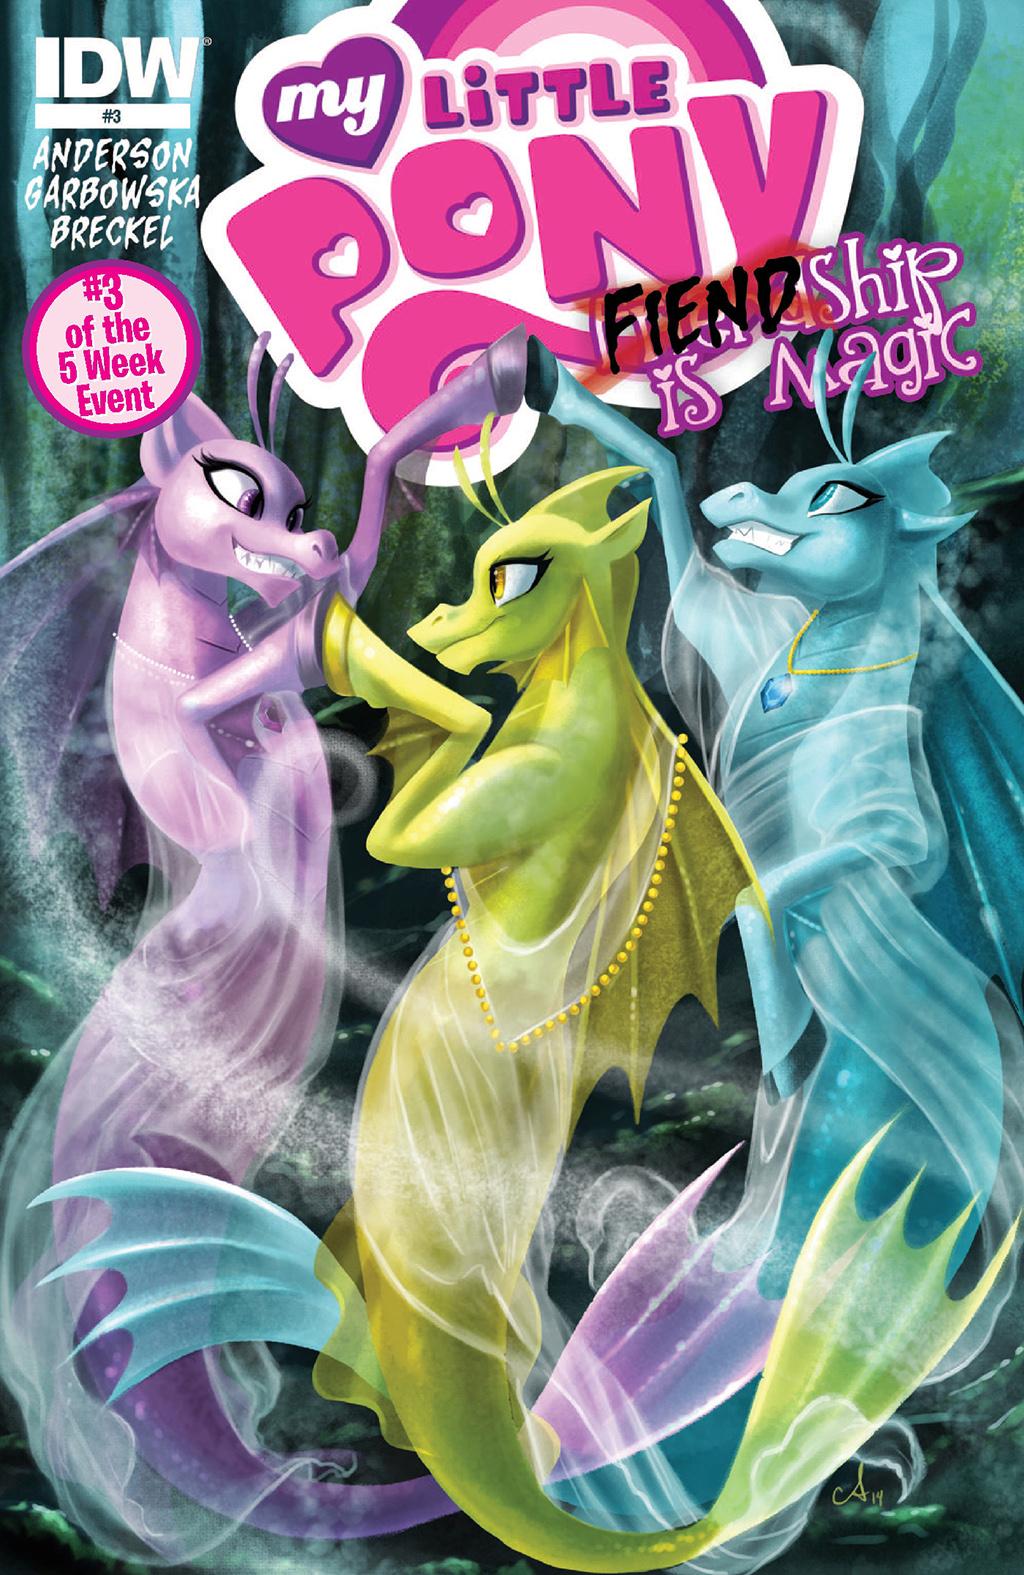 Комикс Мой Маленький Пони: Злодейство - это магия